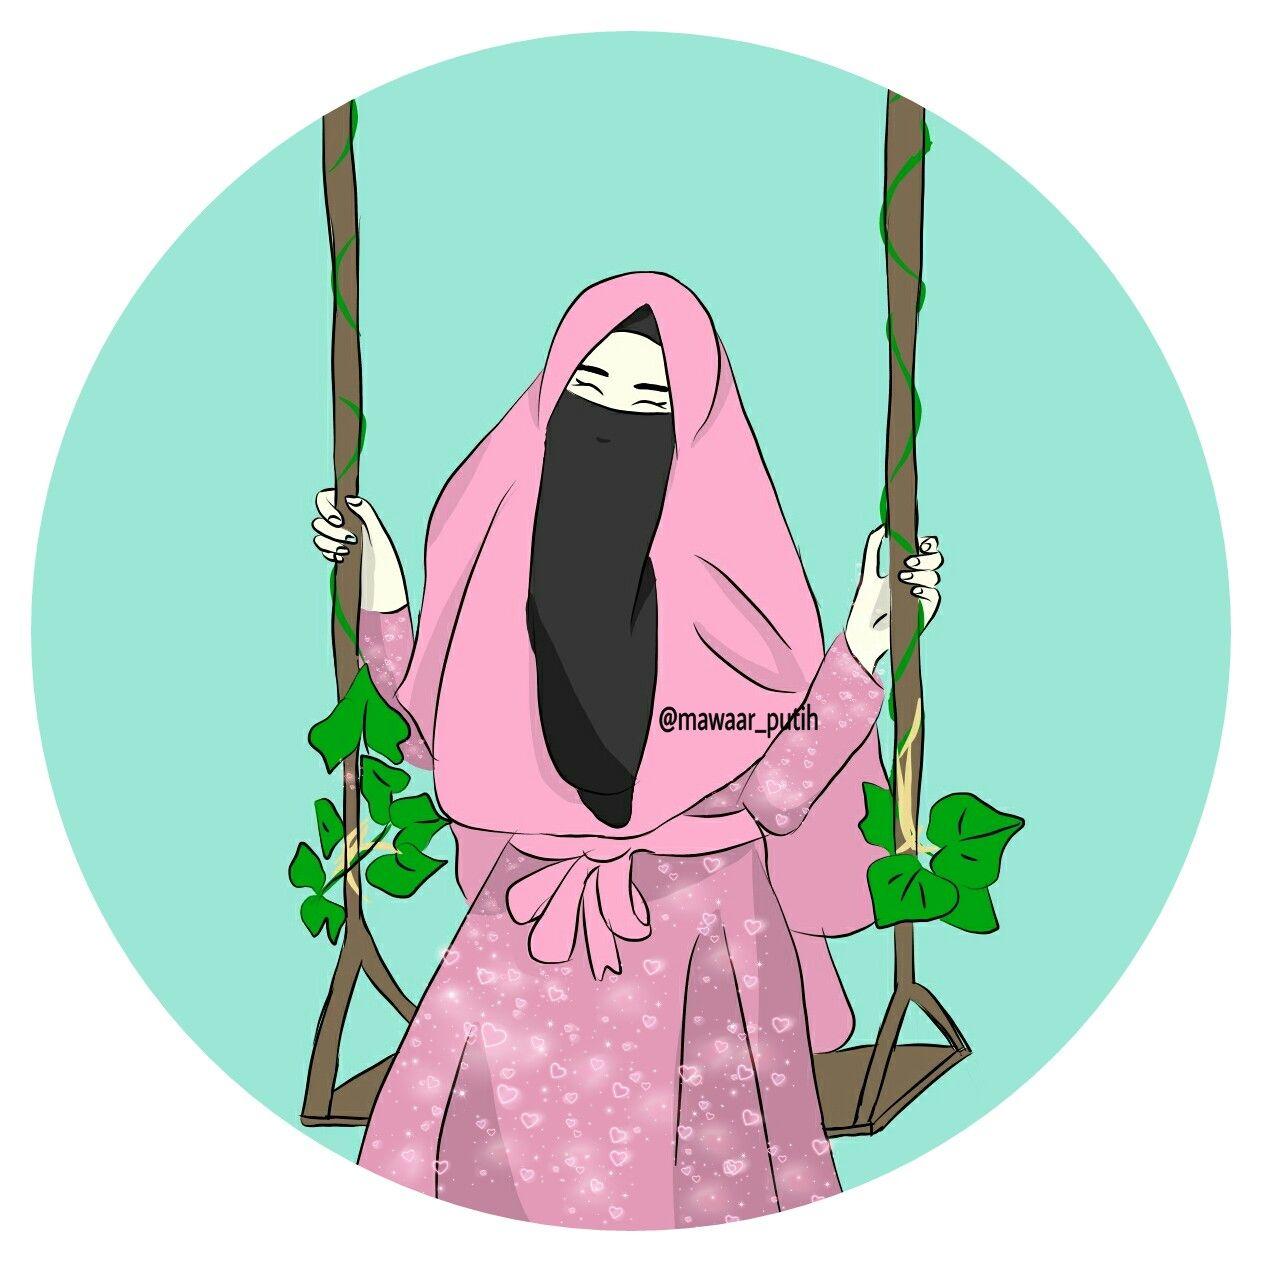 I Love Hijab Hfz Lukisan Wajah Seni Animasi Kartun